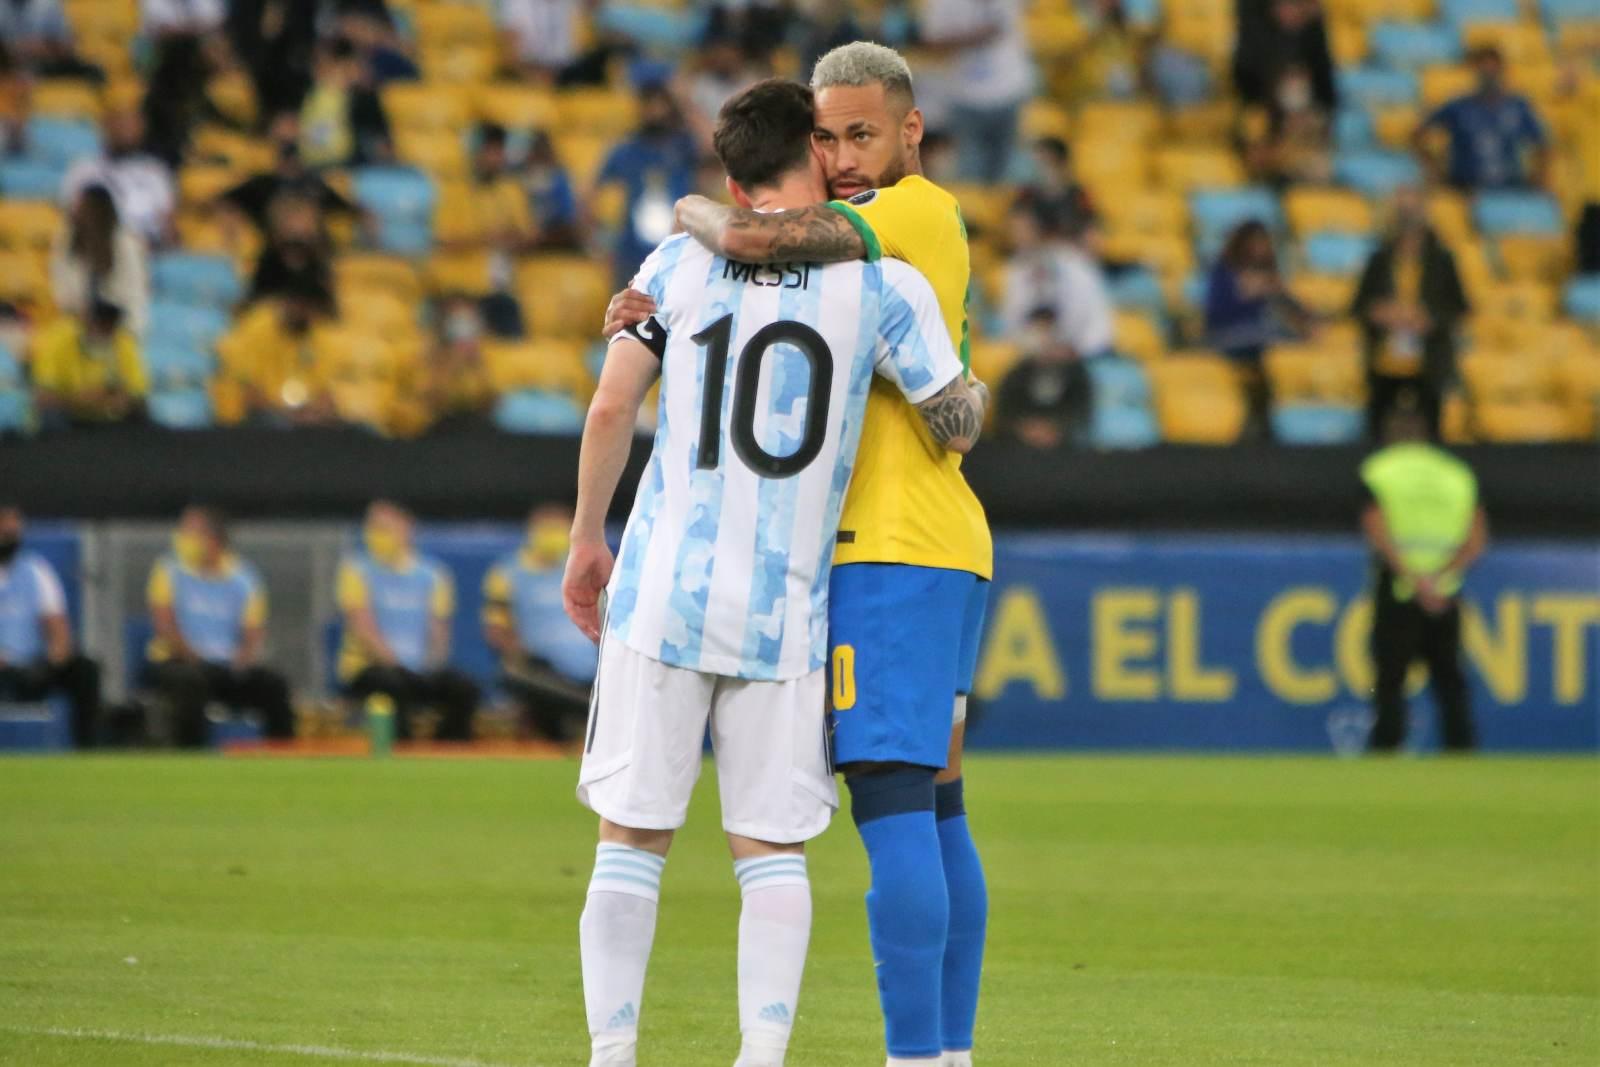 ФИФА запустила дисциплинарное производство по скандальному матчу Бразилия – Аргентина